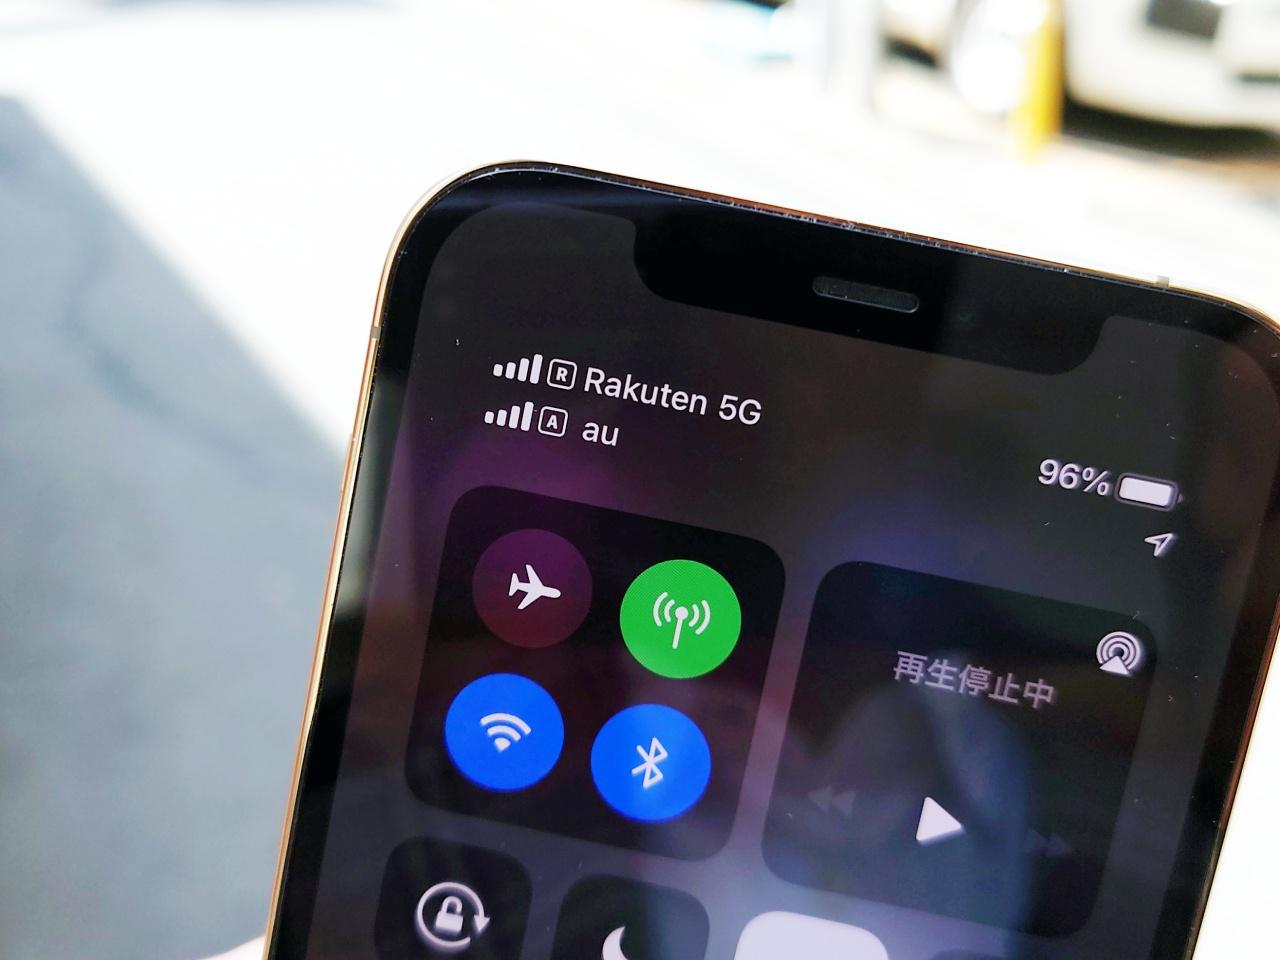 Rakuten iOS Junya Ishino